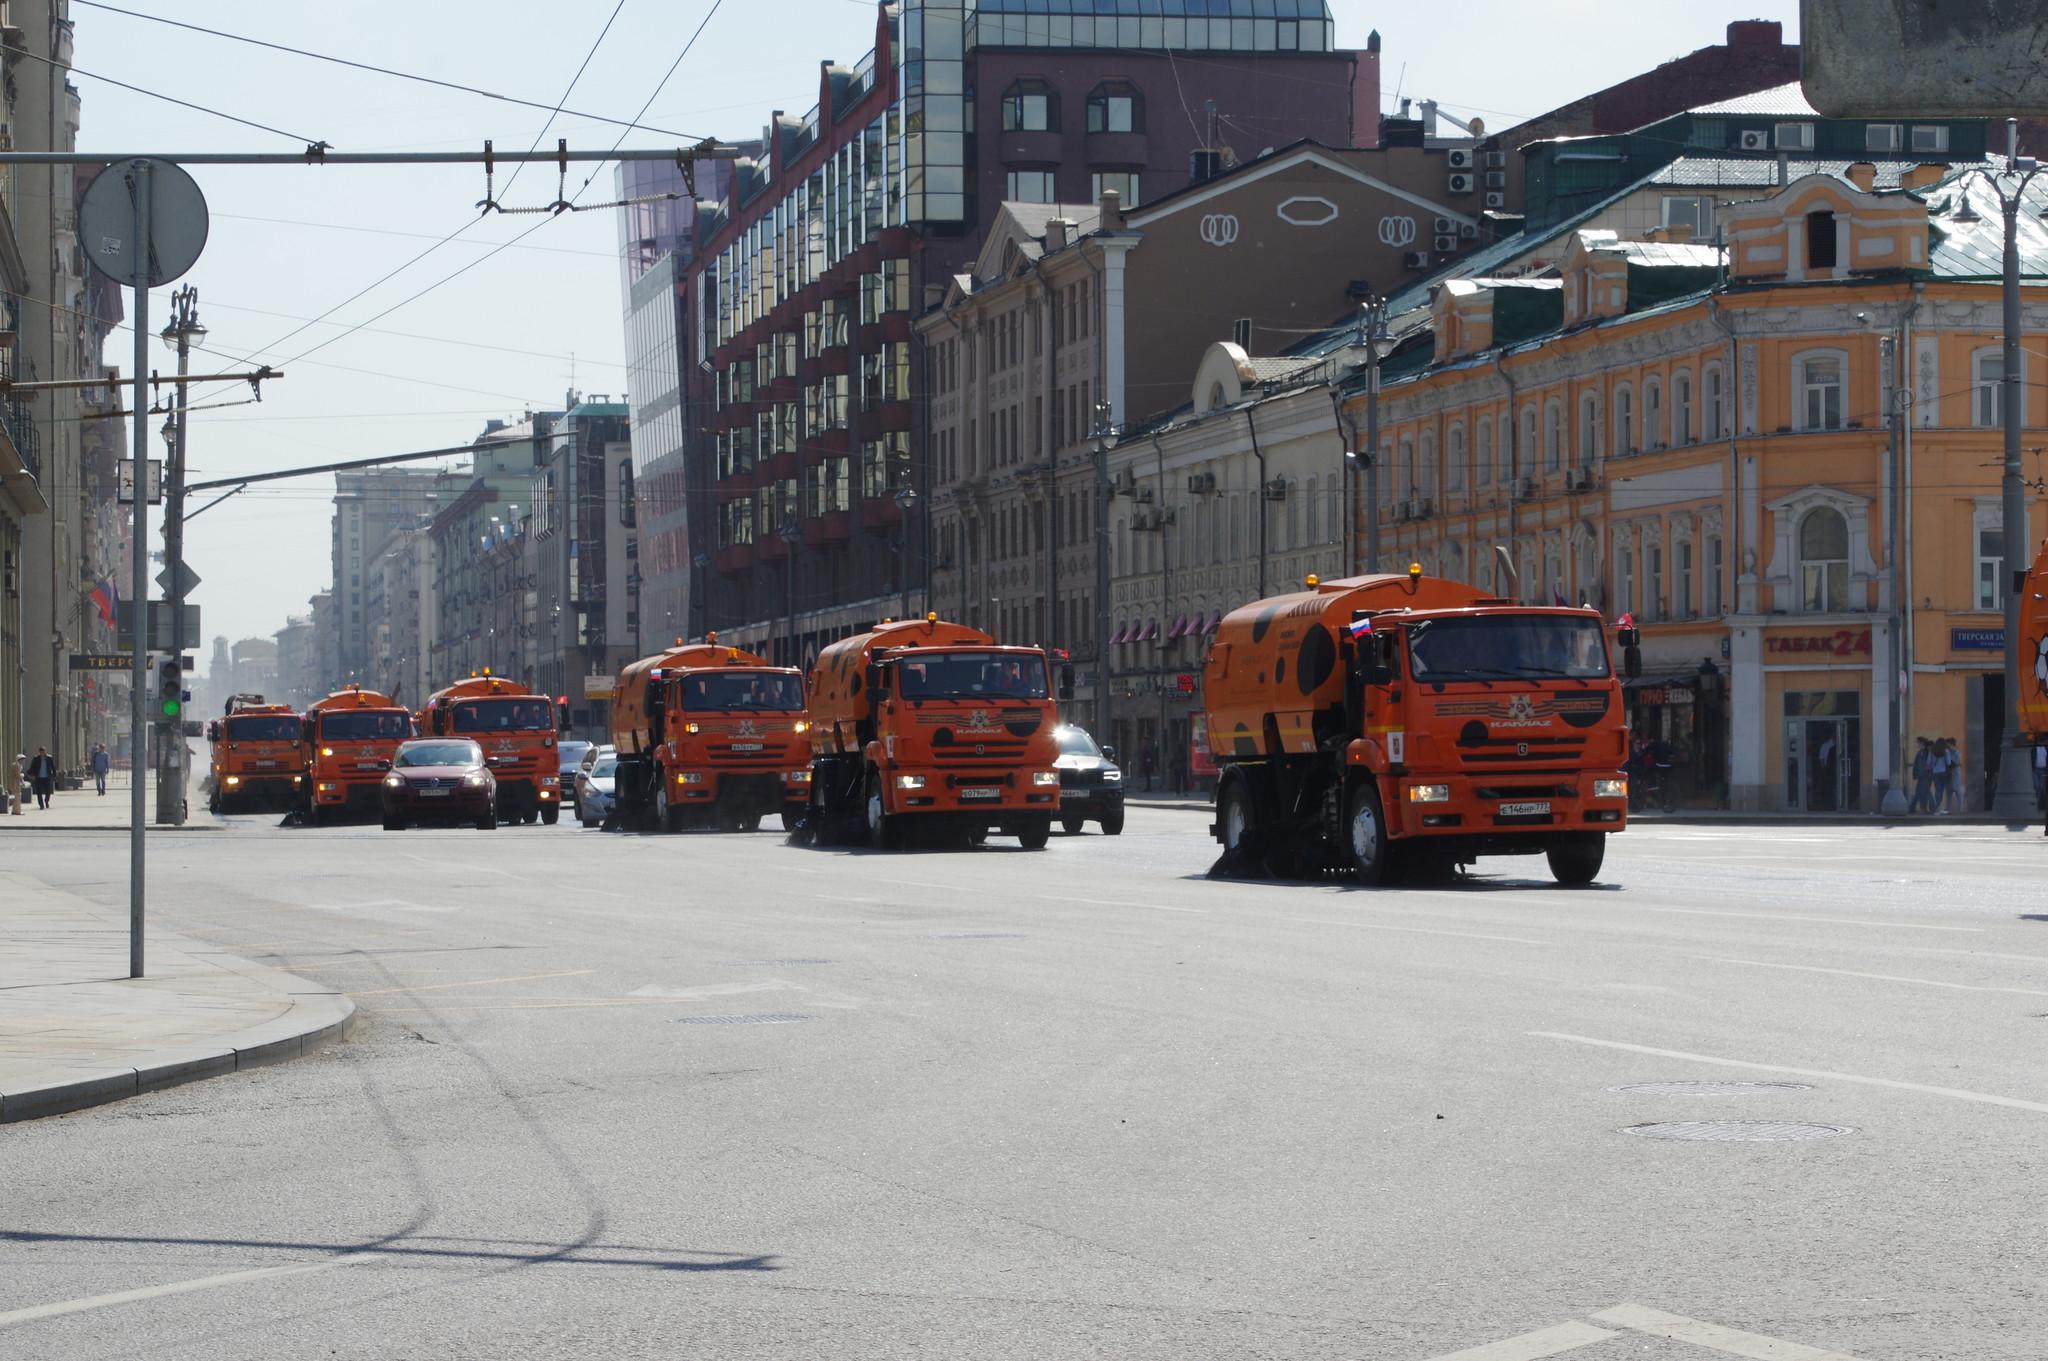 Коммунальная техника для обеспечения чистоты городских улиц